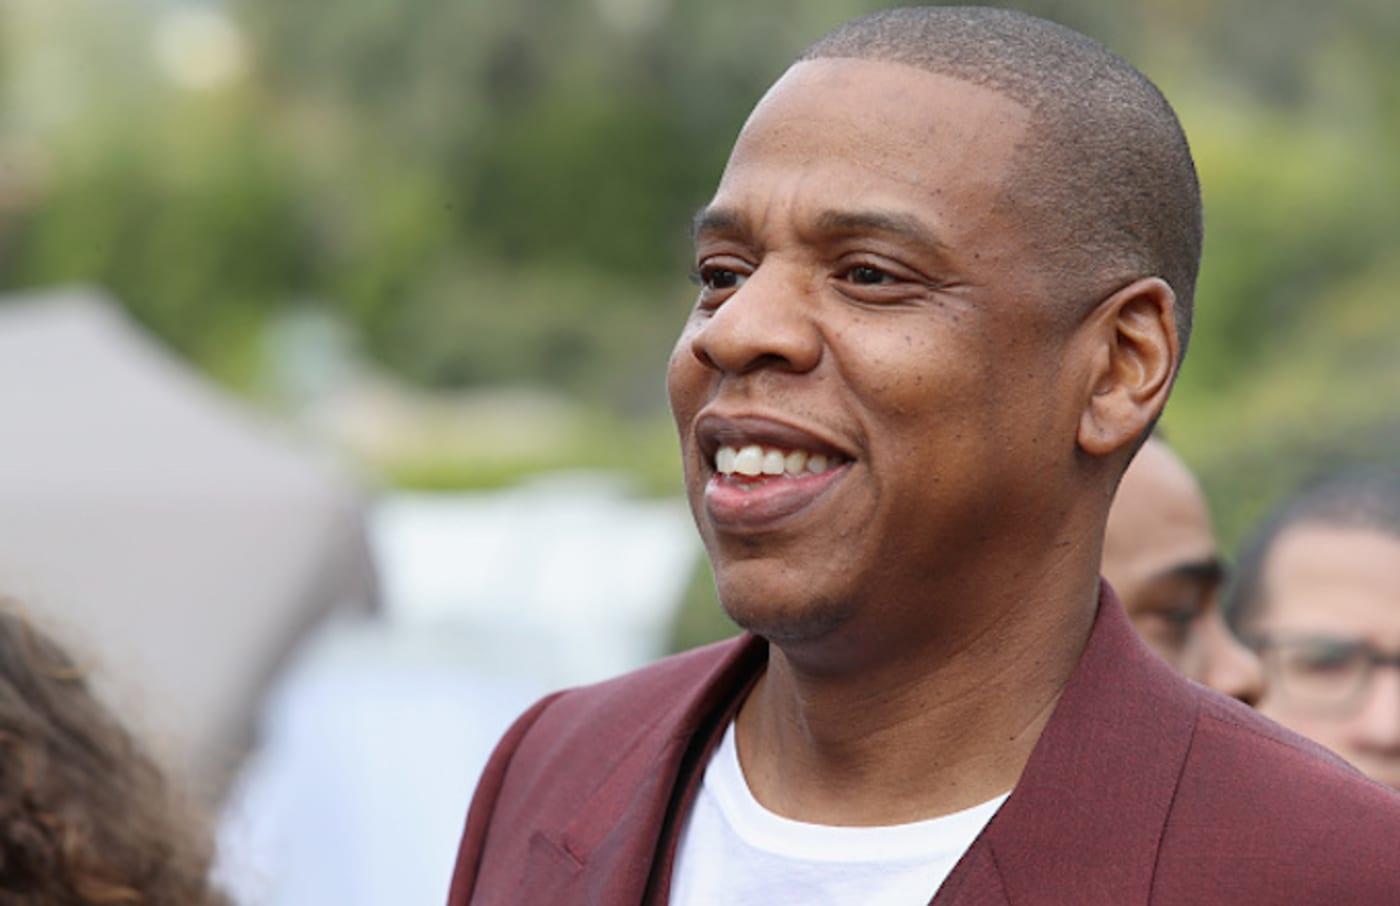 Jay Z attends 2017 Roc Nation Pre Grammy Brunch